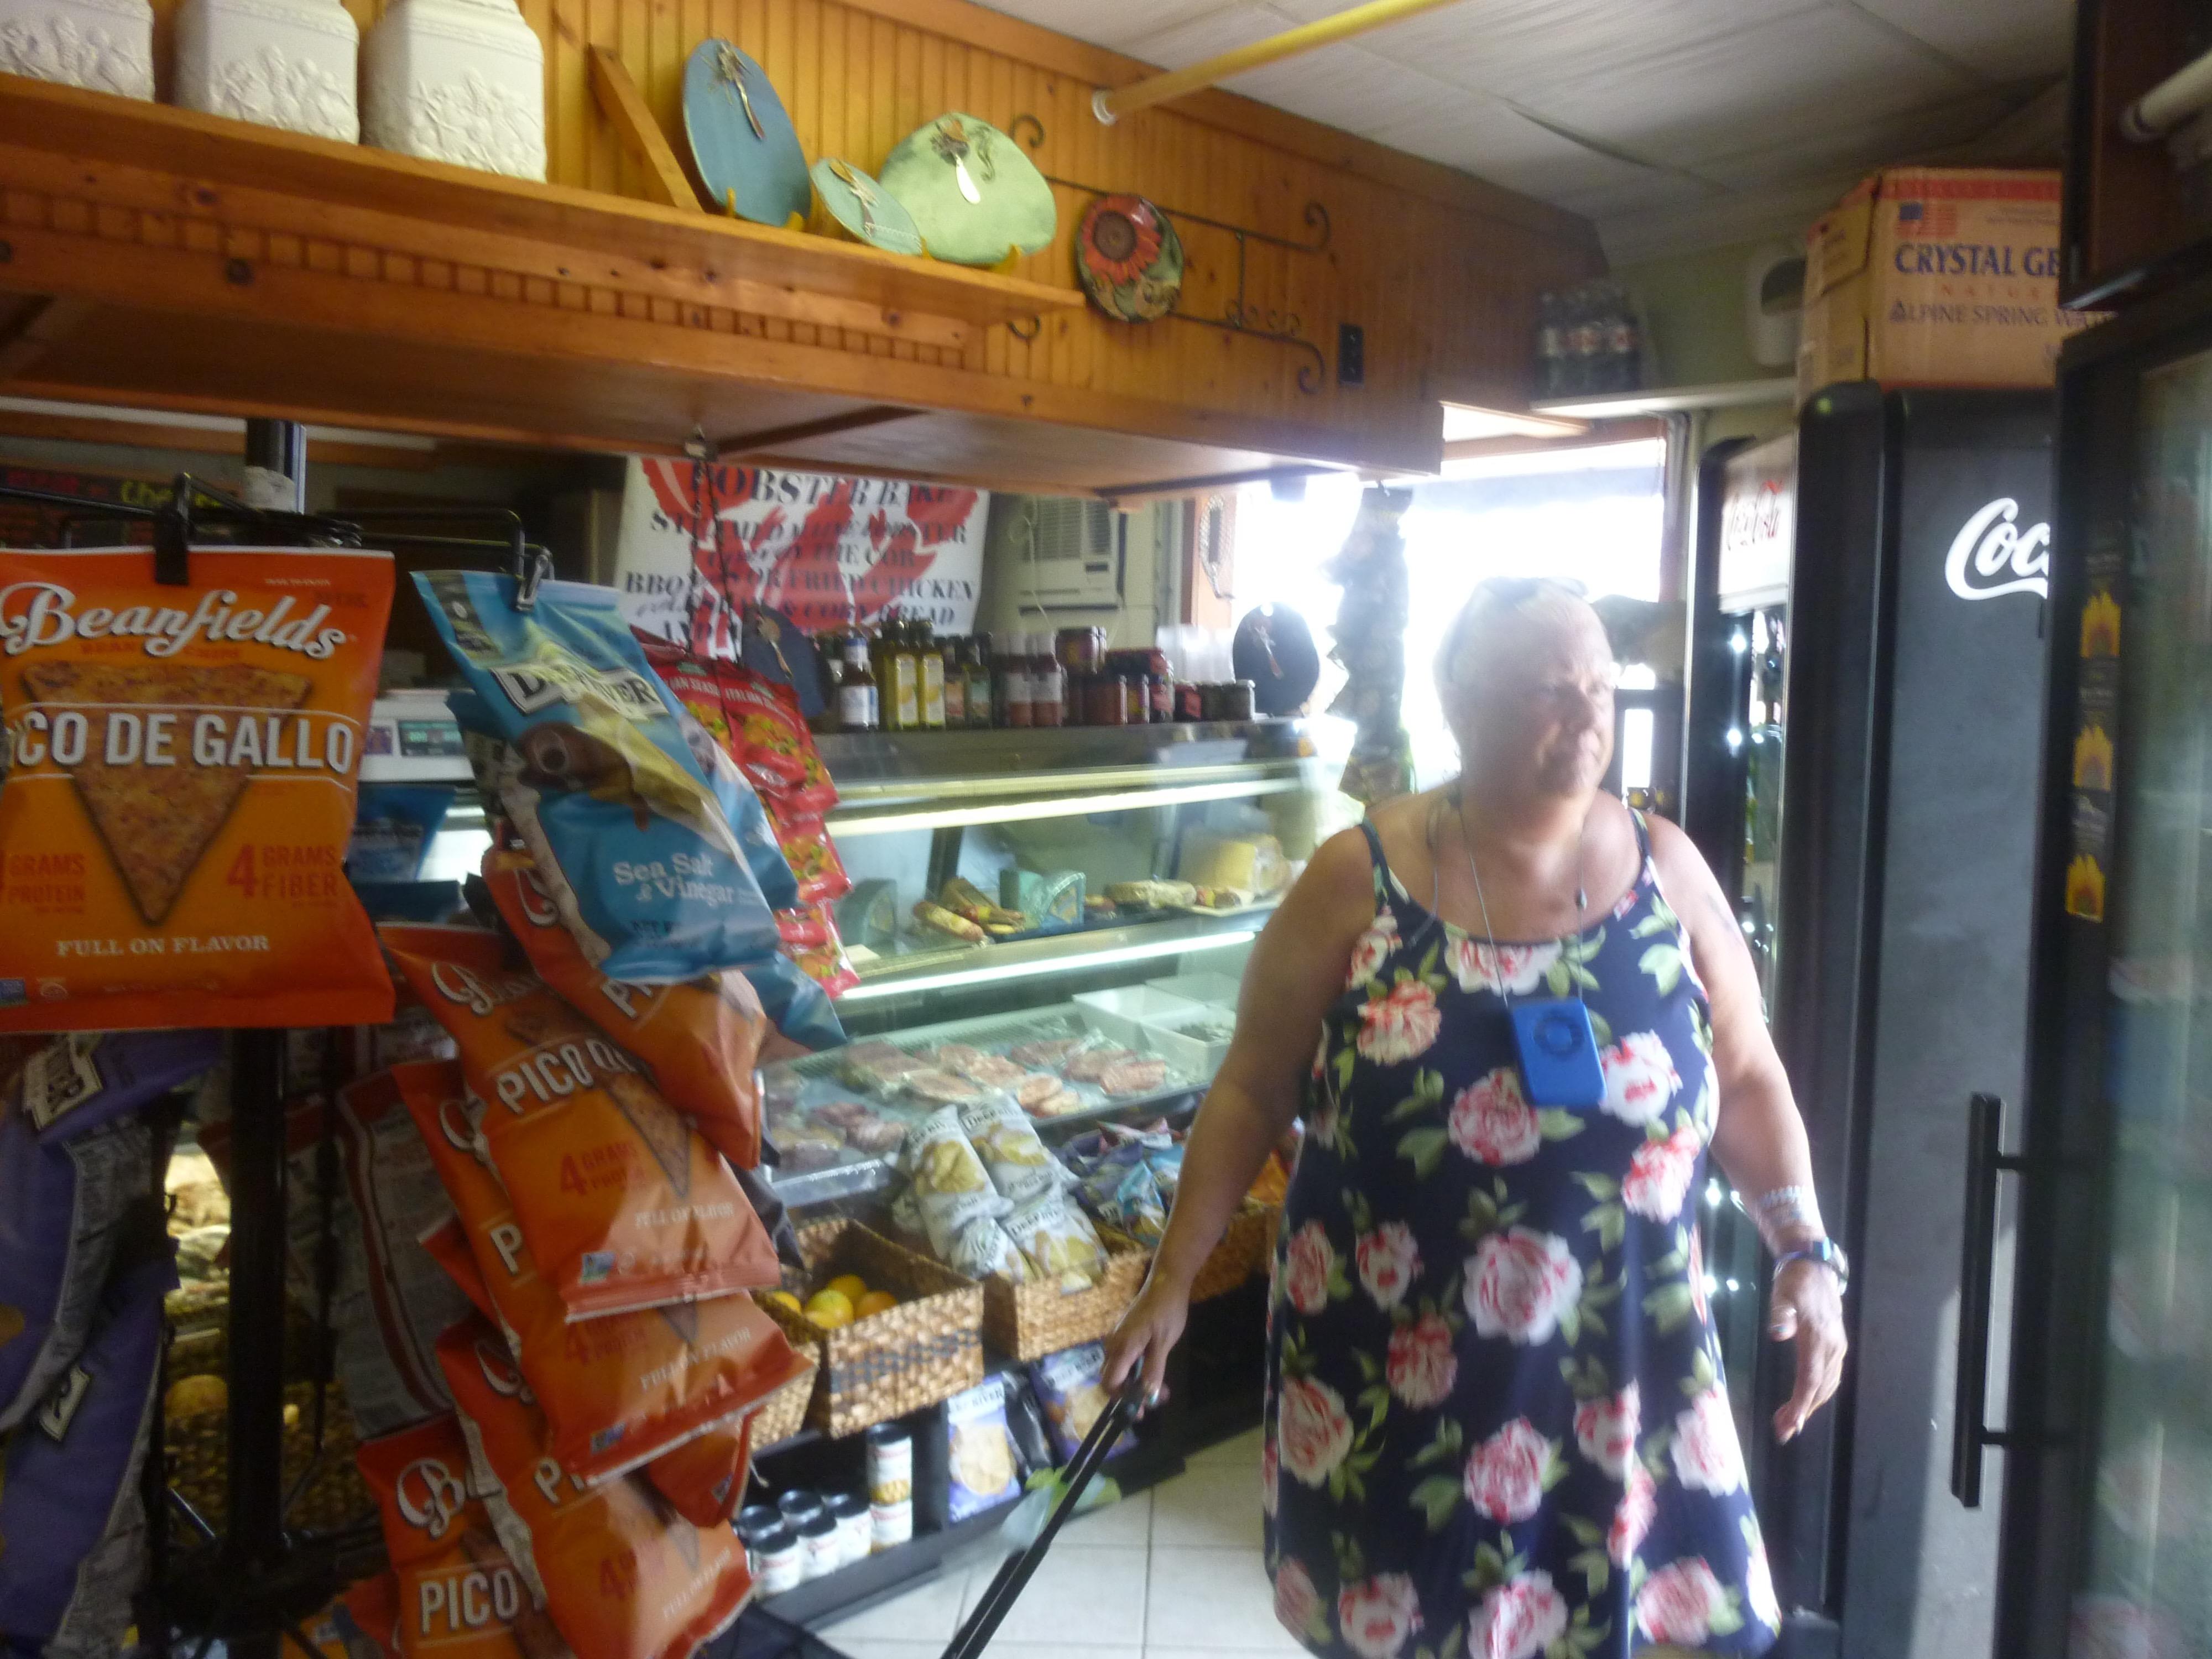 Dining Review: Matty's Gourmet Market